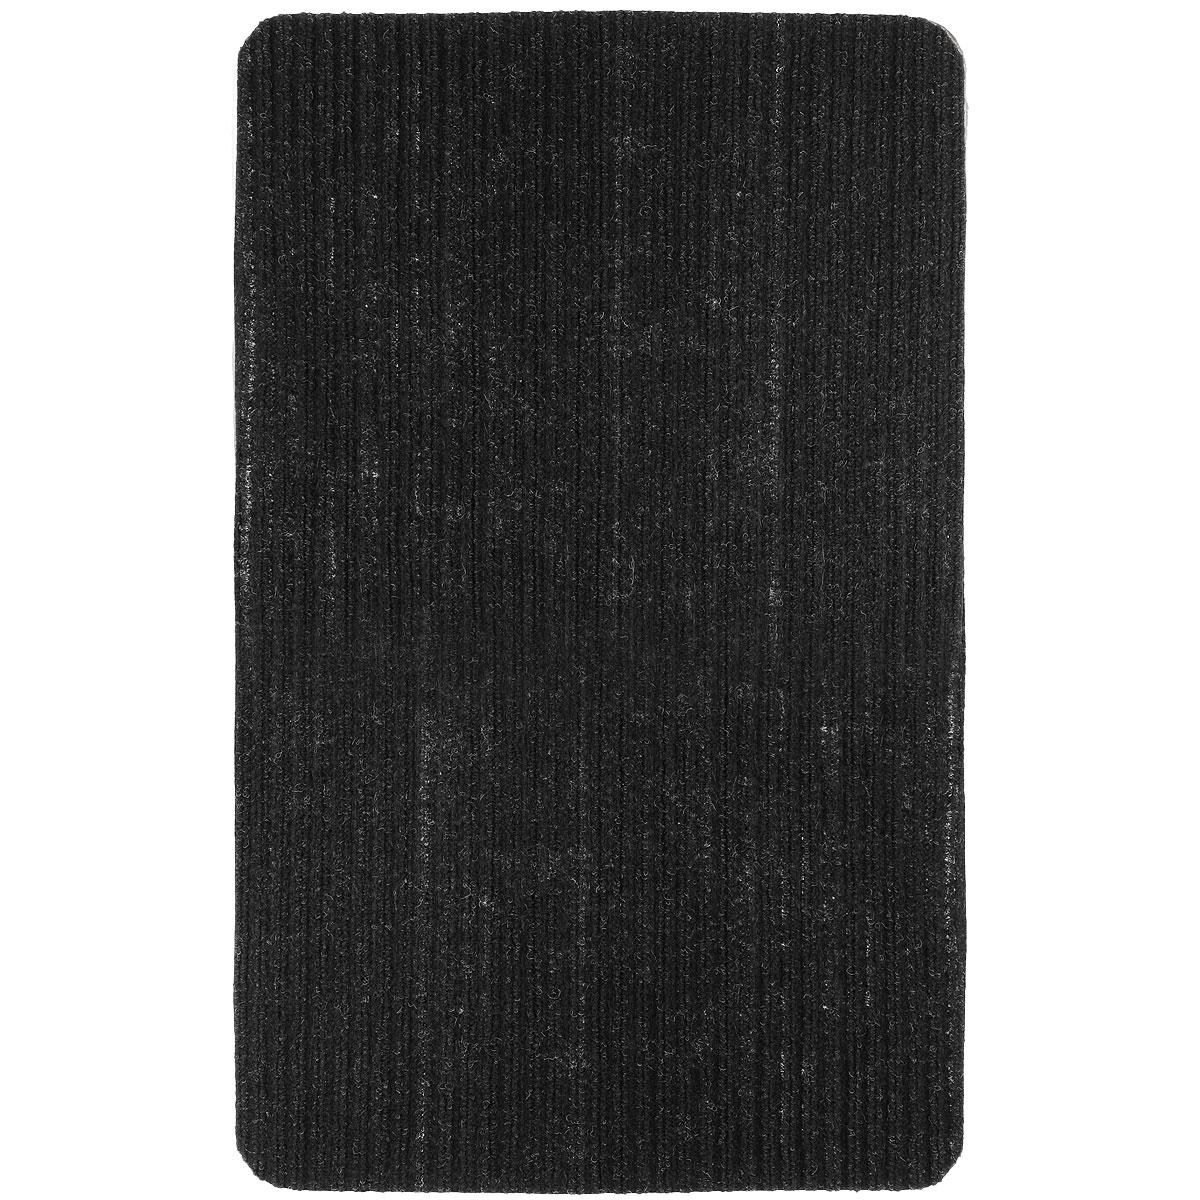 Коврик придверный Vortex Simple, цвет: черный, 50 см х 80 смCLP446Придверный коврик Vortex Simple выполнен из полимерных материалов. Он прост в обслуживании, прочный и устойчивый к различным погодным условиям. Такой коврик надежно защитит помещение от уличной пыли и грязи.